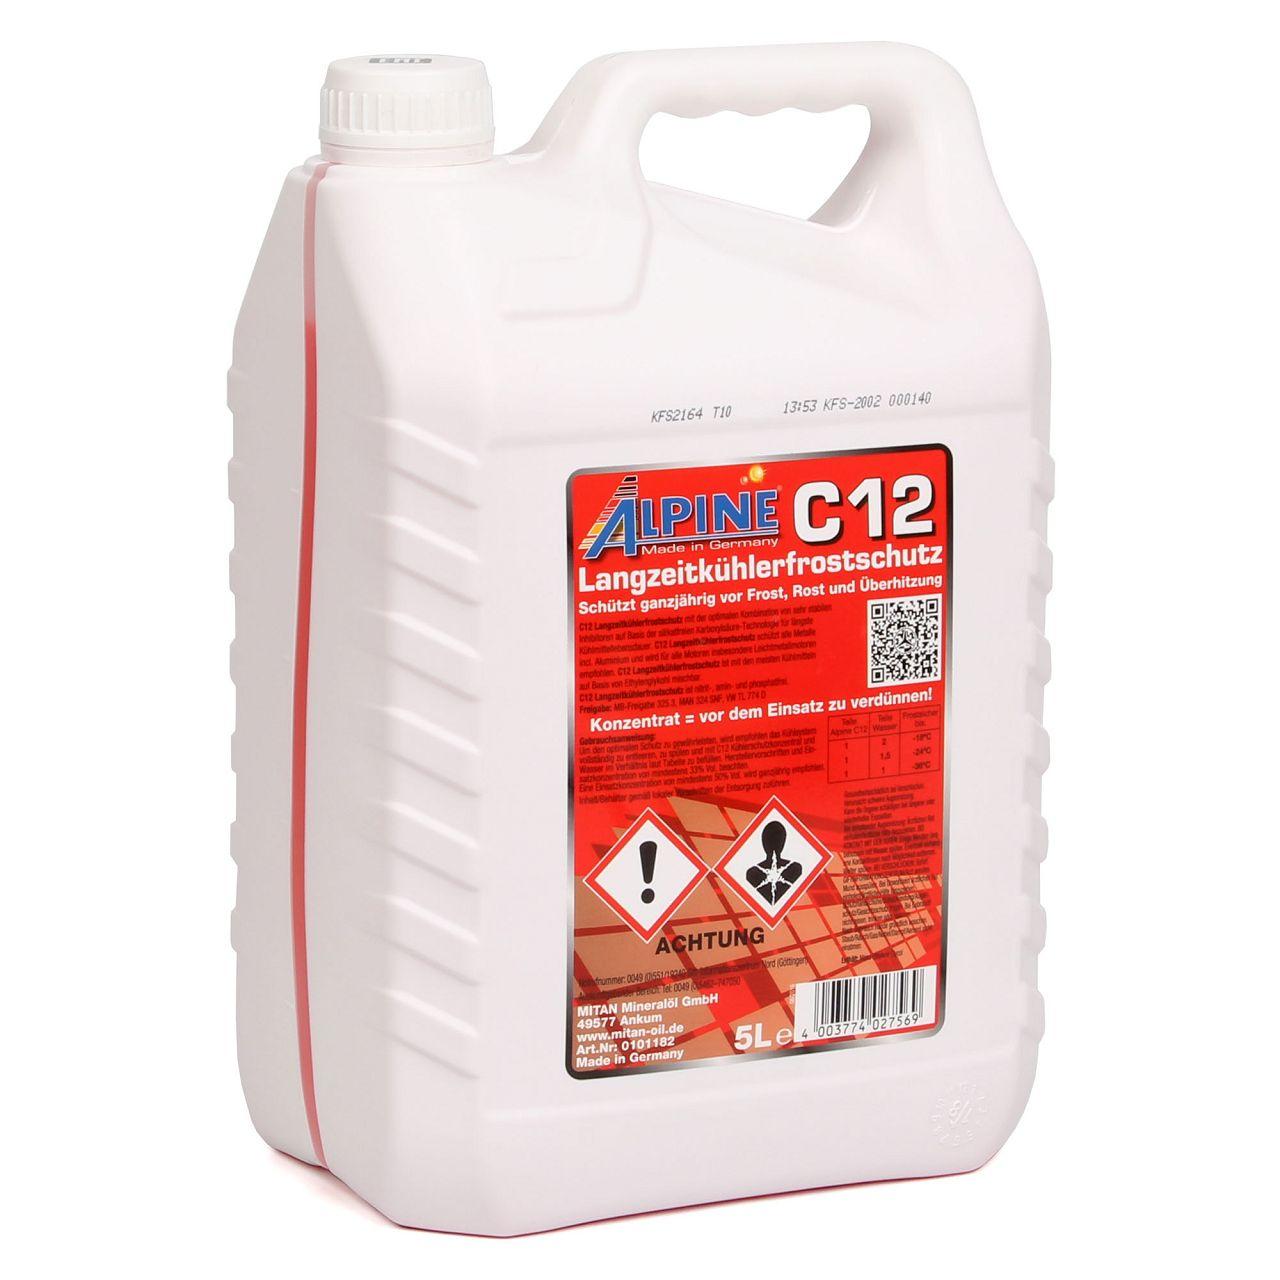 ALPINE Frostschutz Kühlerfrostschutz Konzentrat C12 G12 ROT 5L 5 Liter